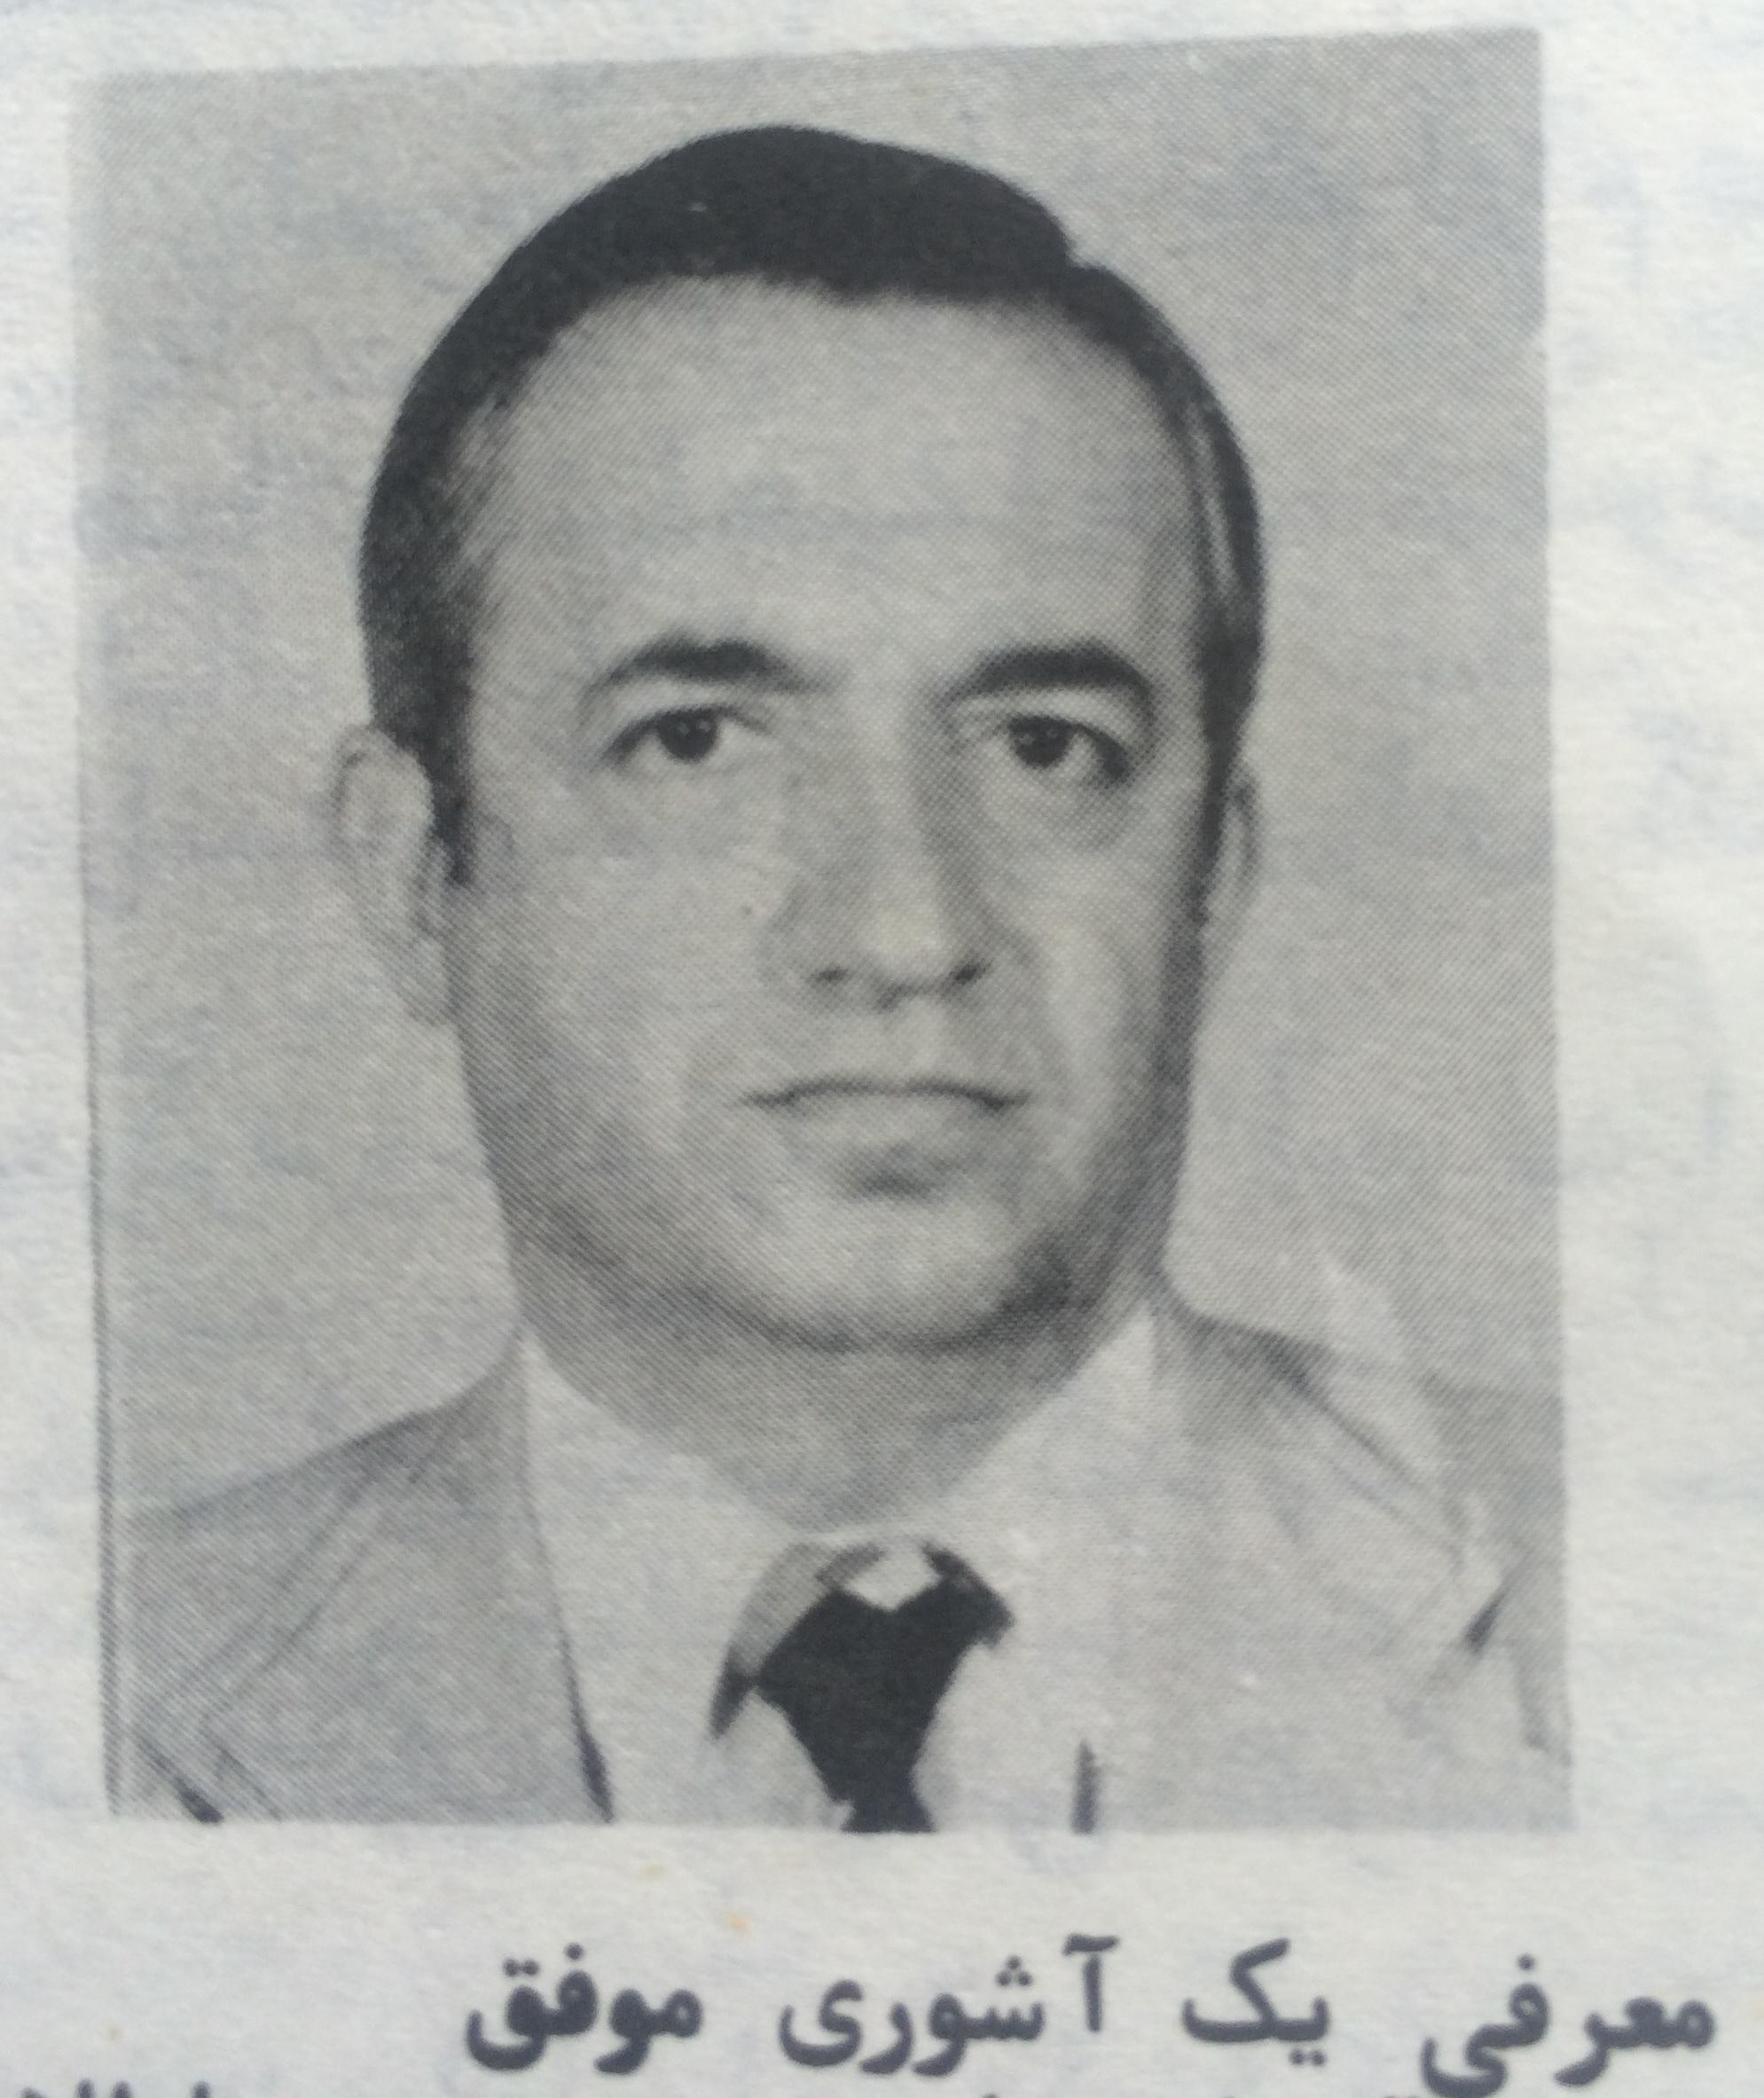 مهندس يوناتان آفرين